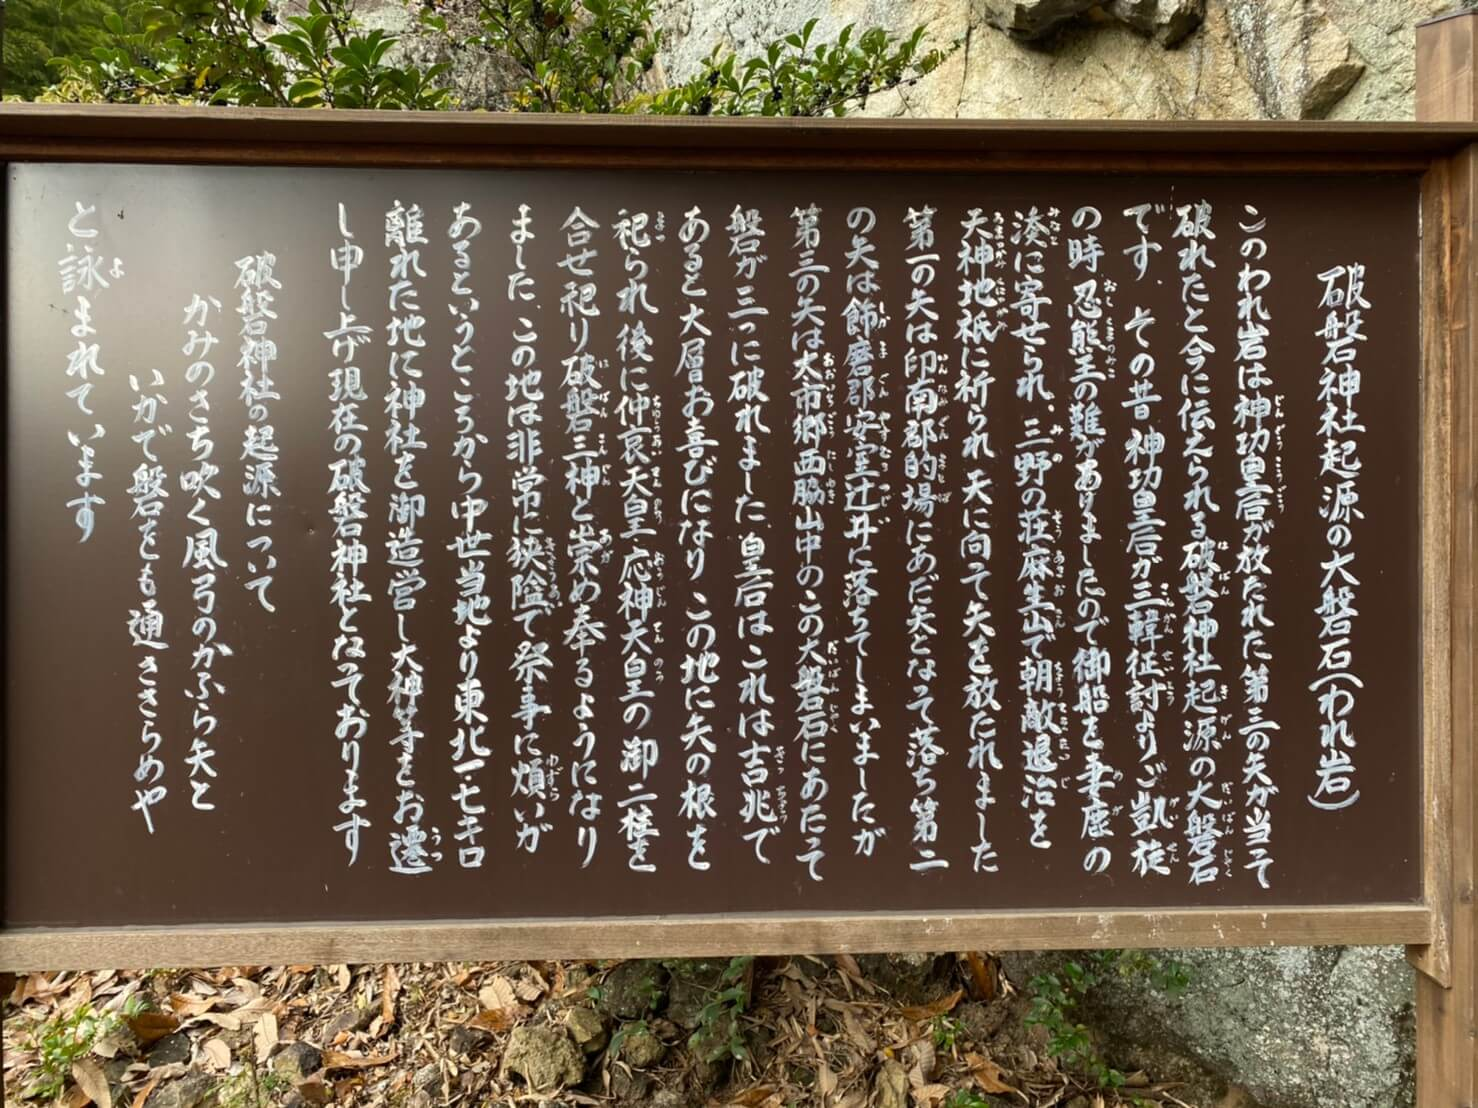 破磐神社起源の大磐石(われ岩)